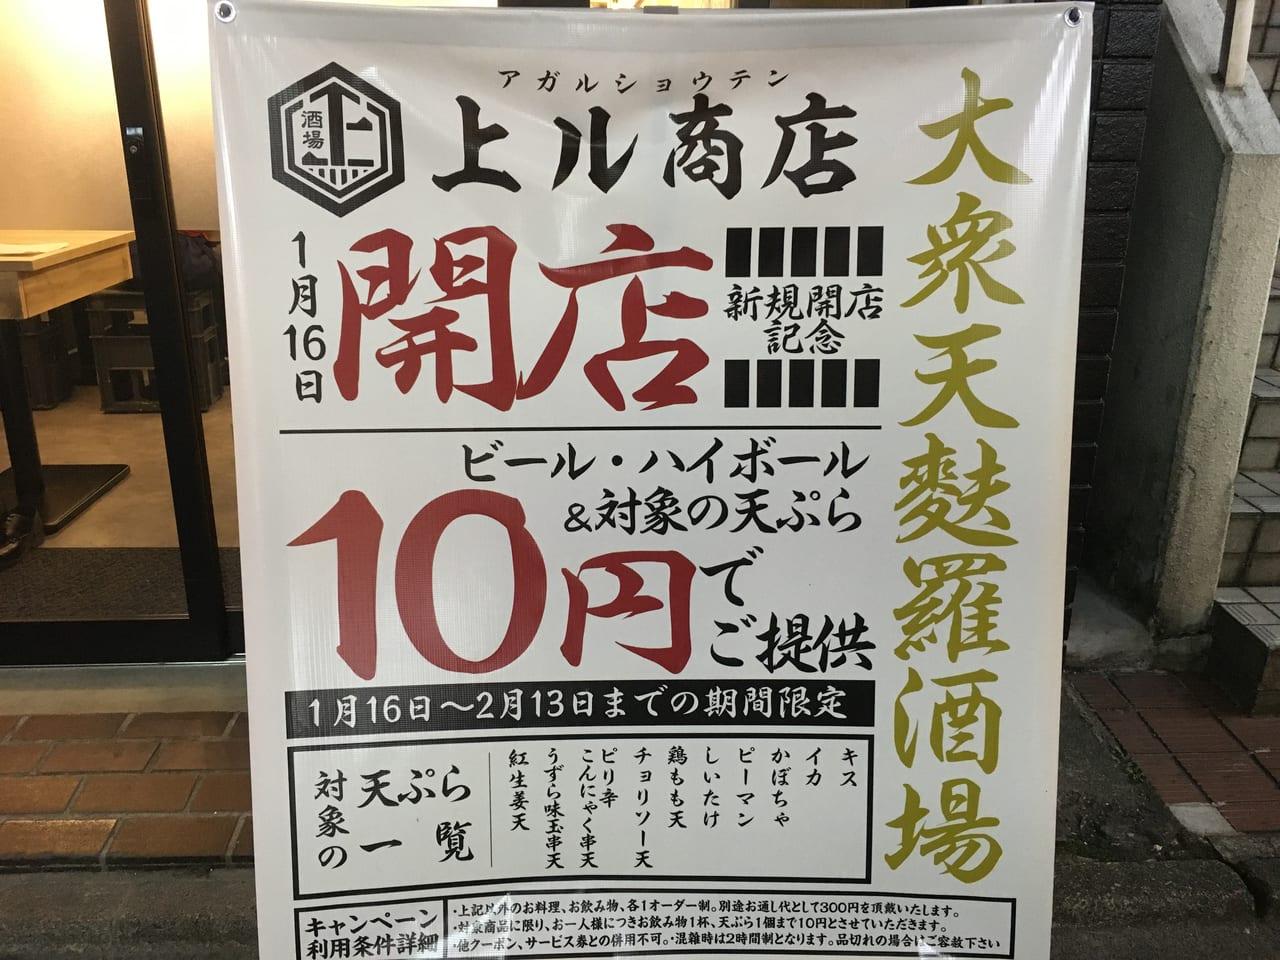 天ぷら酒場上ル商店荻窪開店